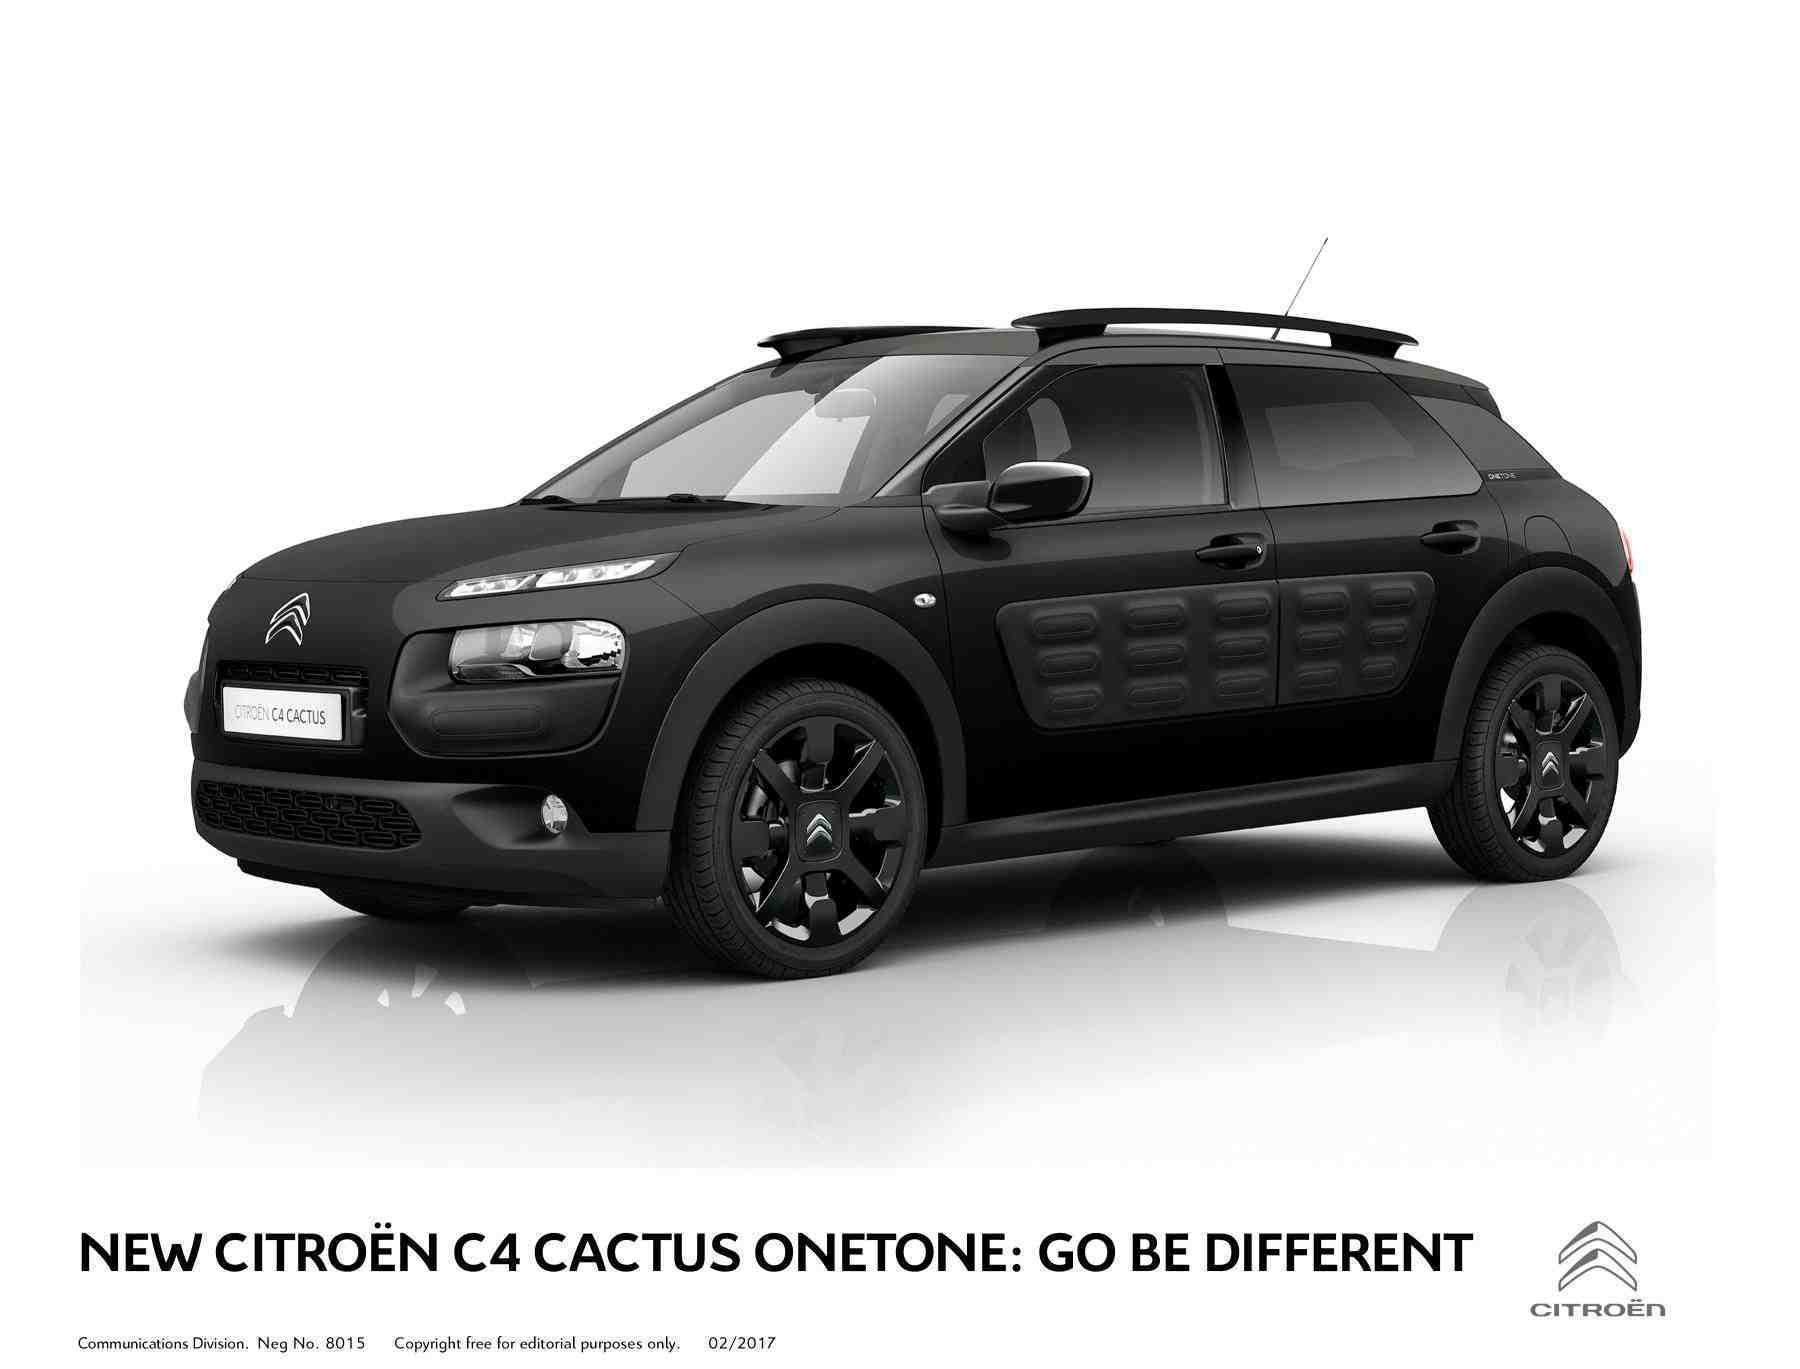 2017 Citroën C4 Cactus